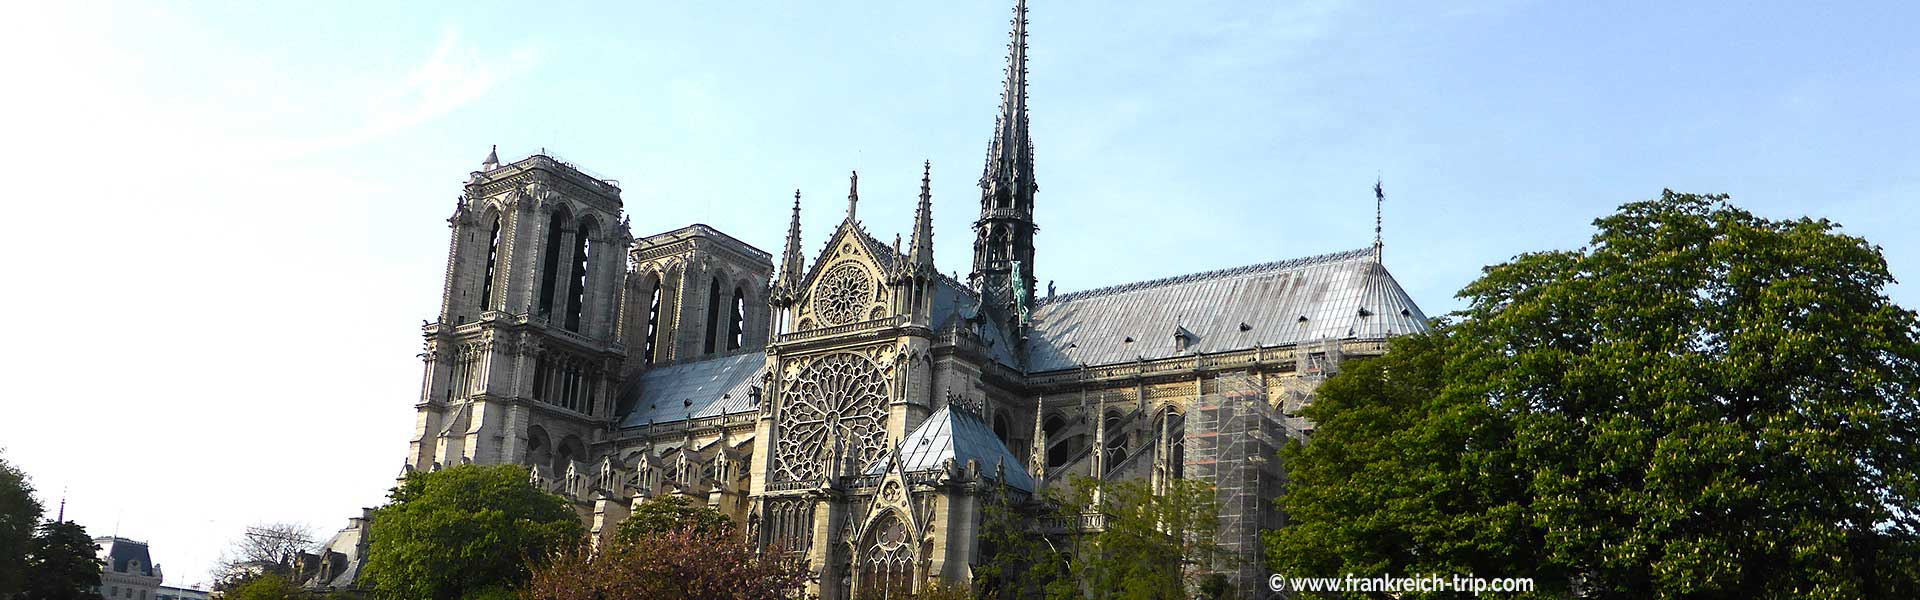 Notre Dame Sehenswürdigkeit Paris